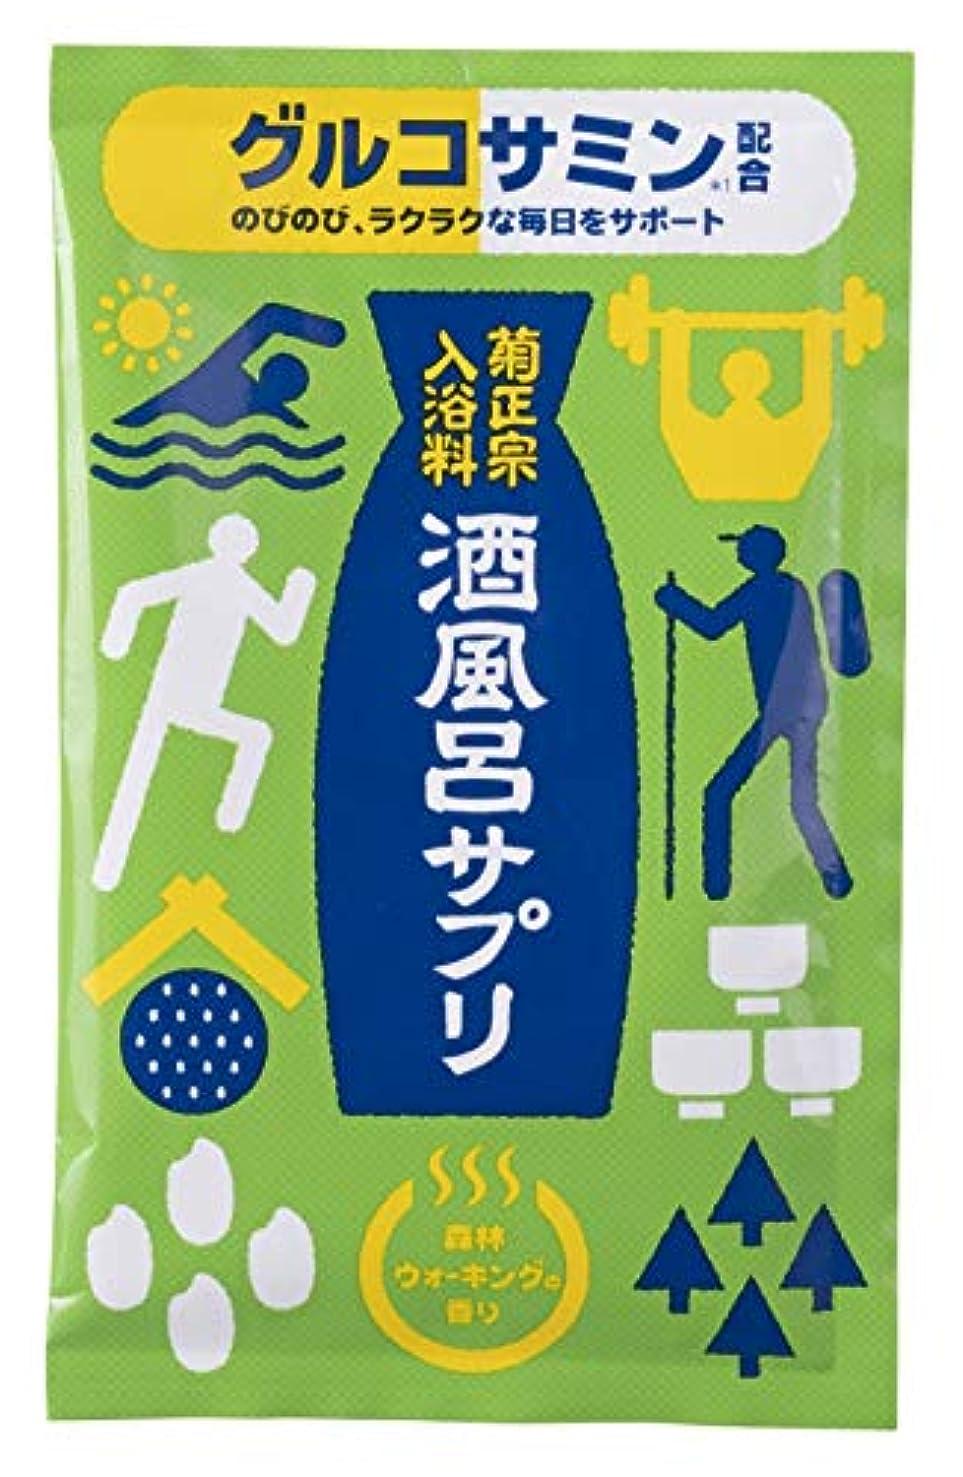 衣装コンパニオン手を差し伸べる菊正宗 酒風呂サプリ グルコサミン 25g